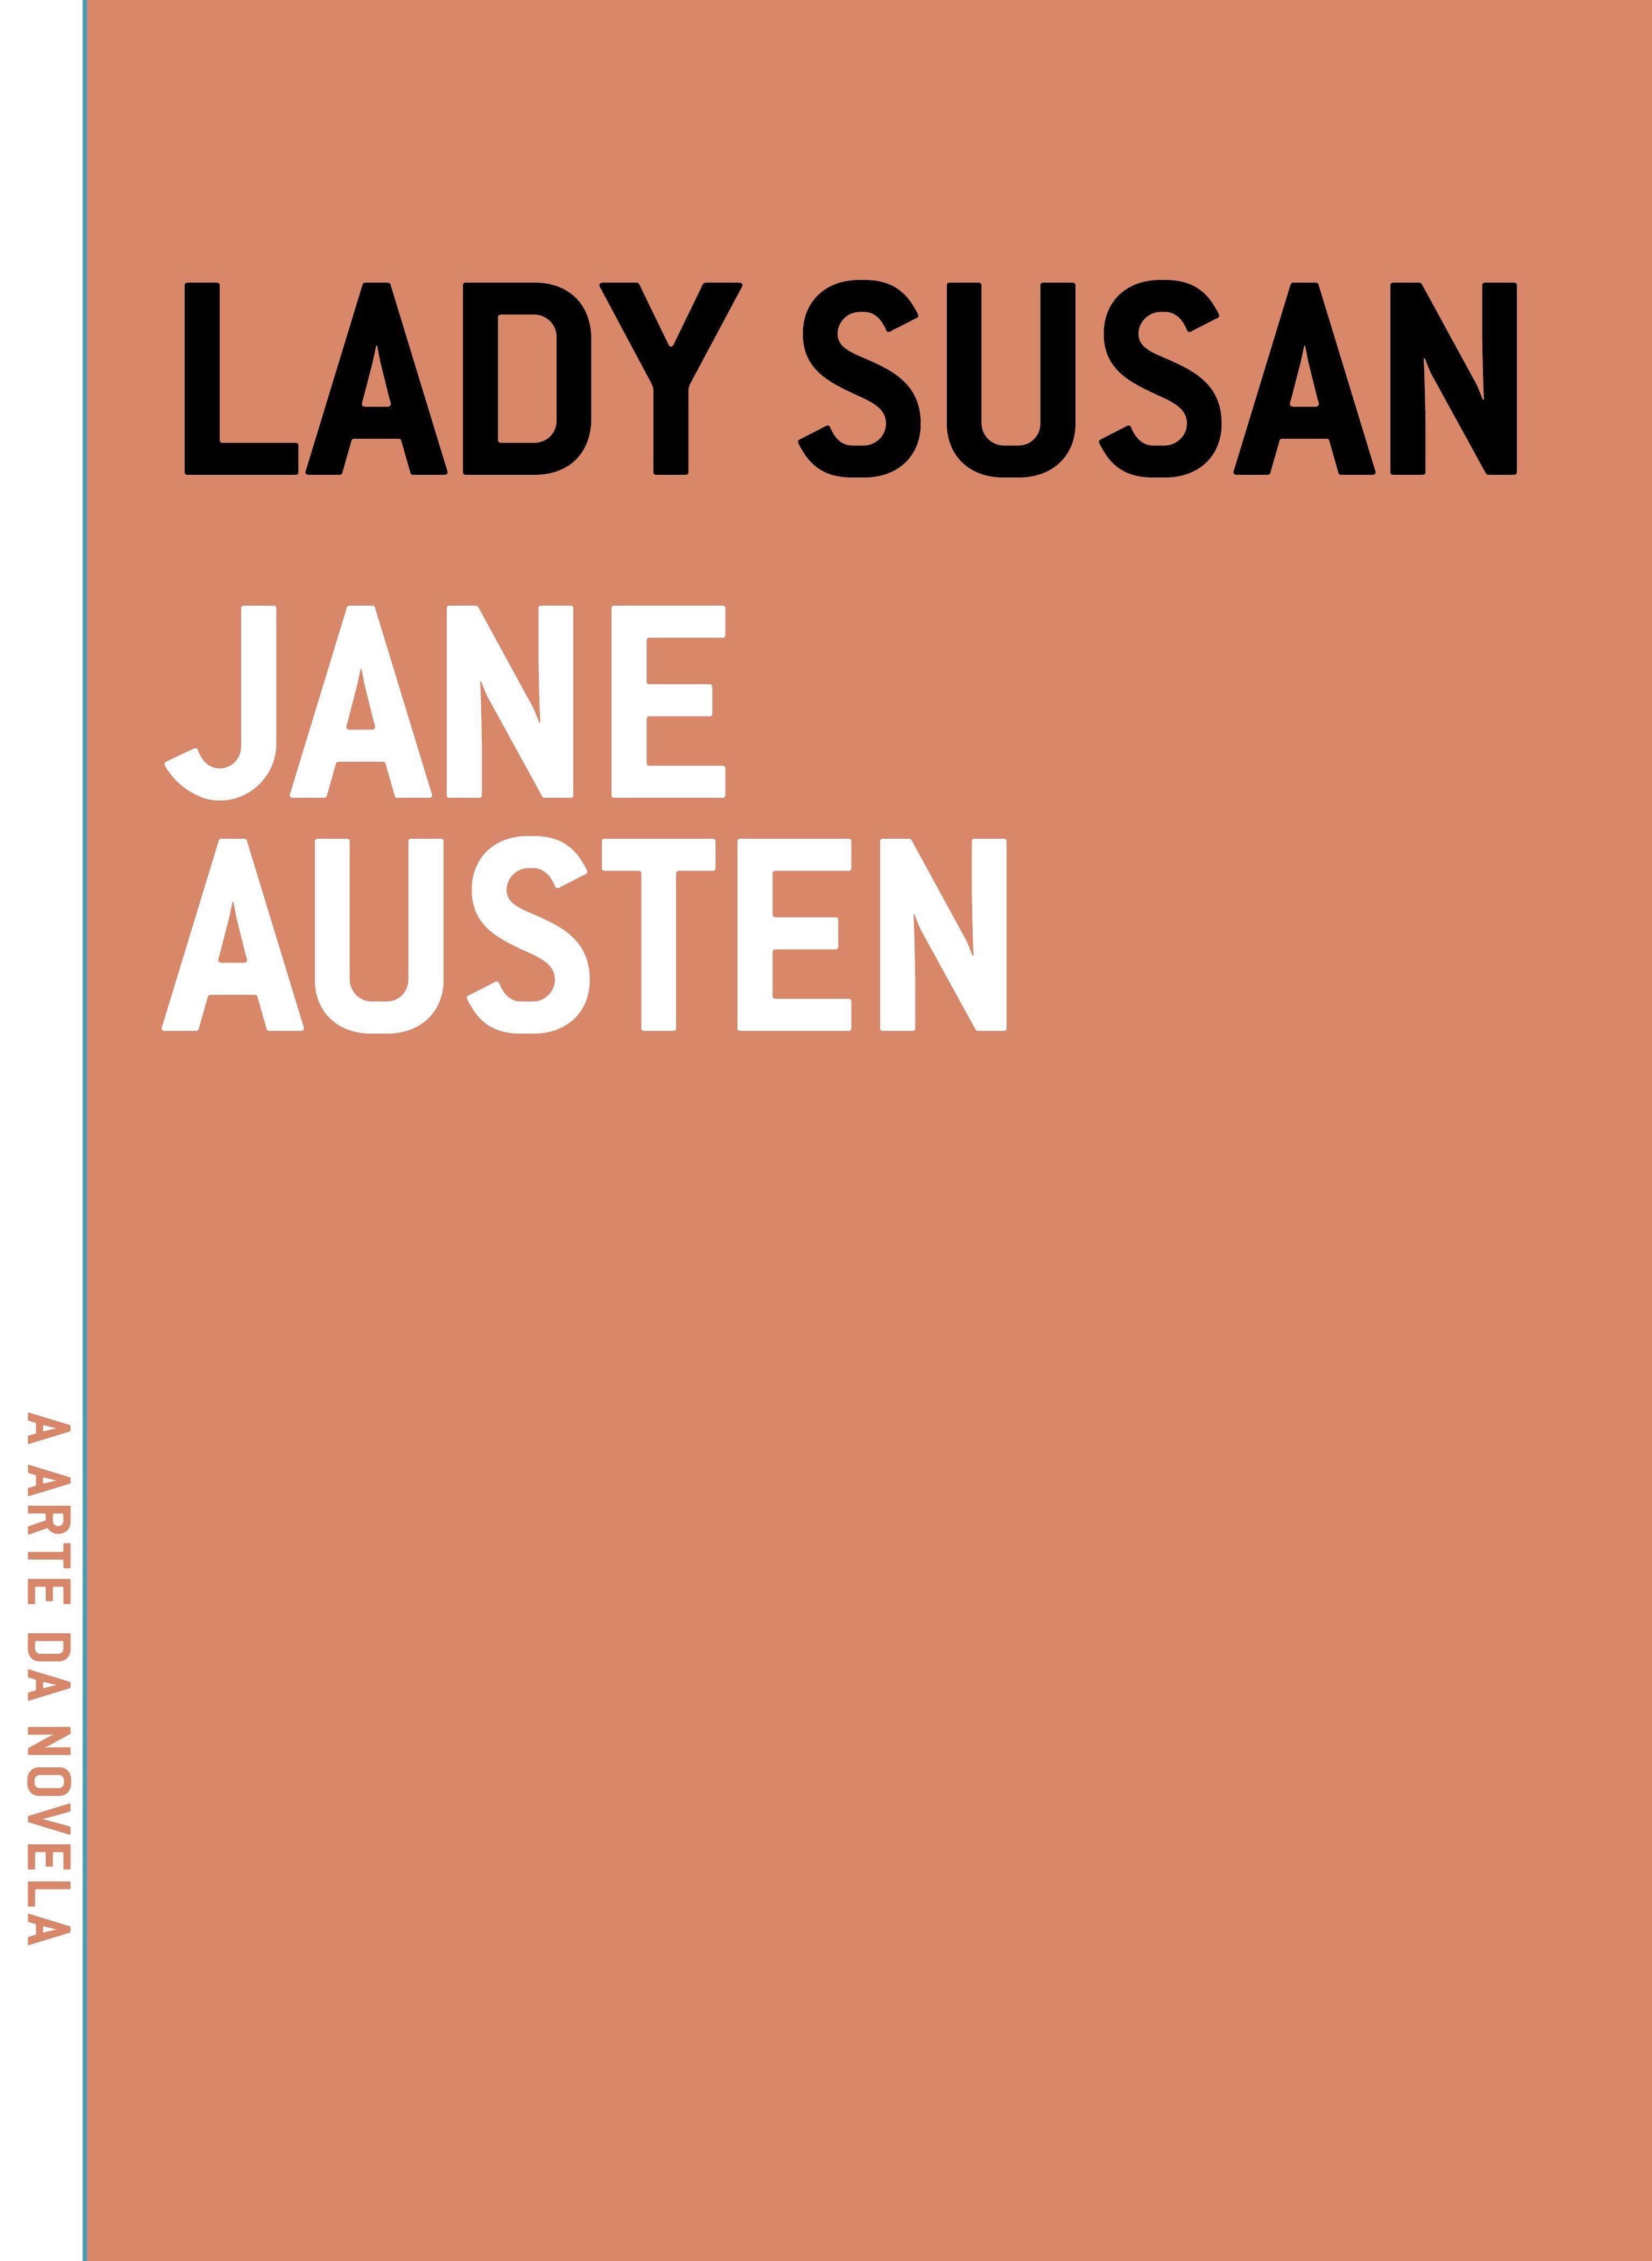 Lady Susan, livro de Jane Austen